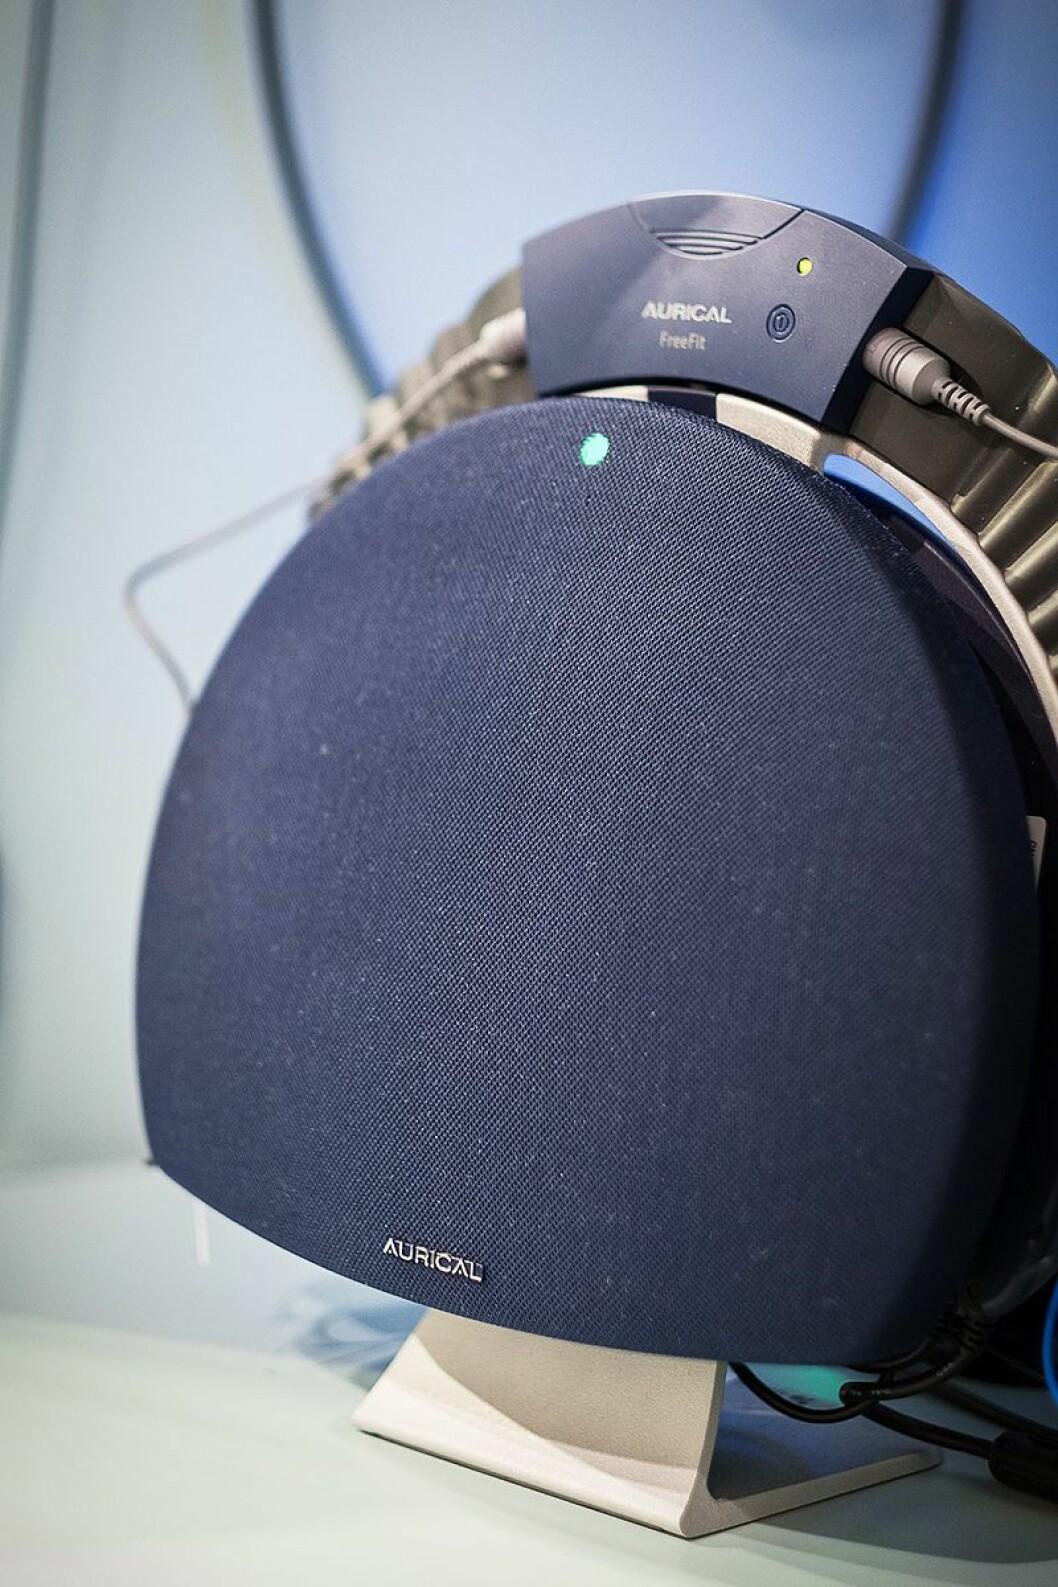 Eget spesialutstyr for audiografene tester hørselen til kunder. Det er mulig både å bestille time, eller stikke innom butikken for en hørselstest. Foto: Hør